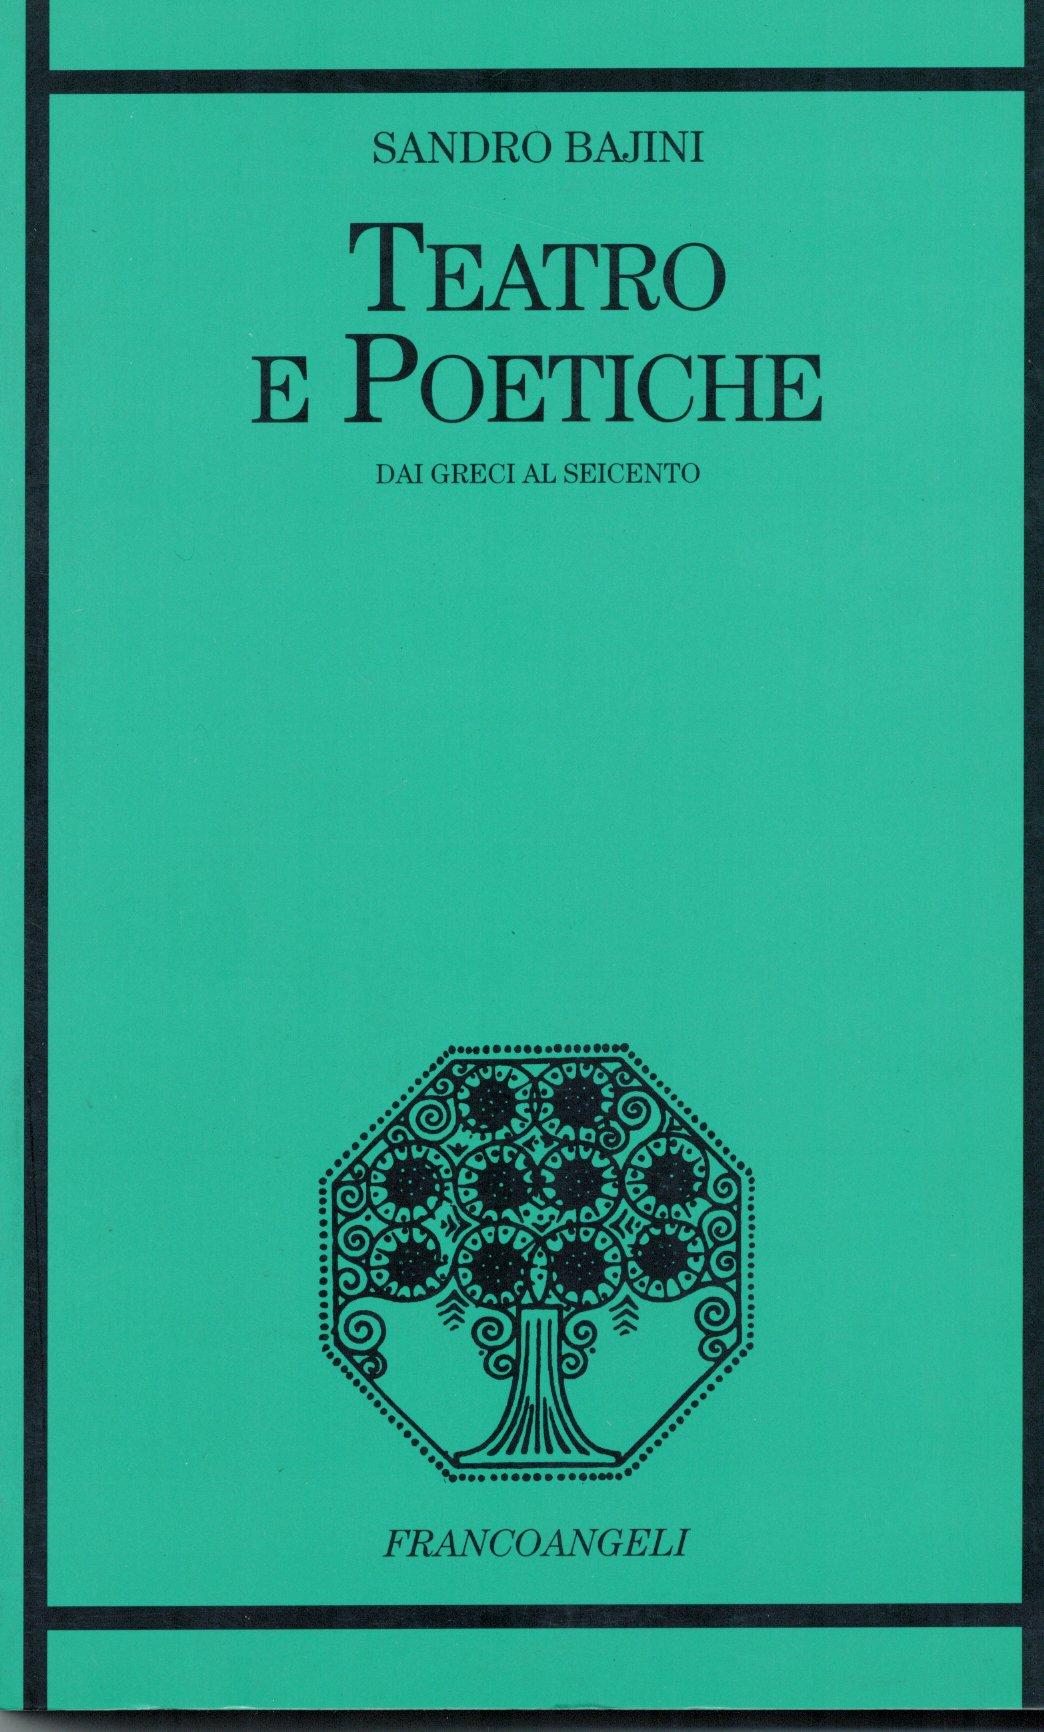 Teatro e poetiche